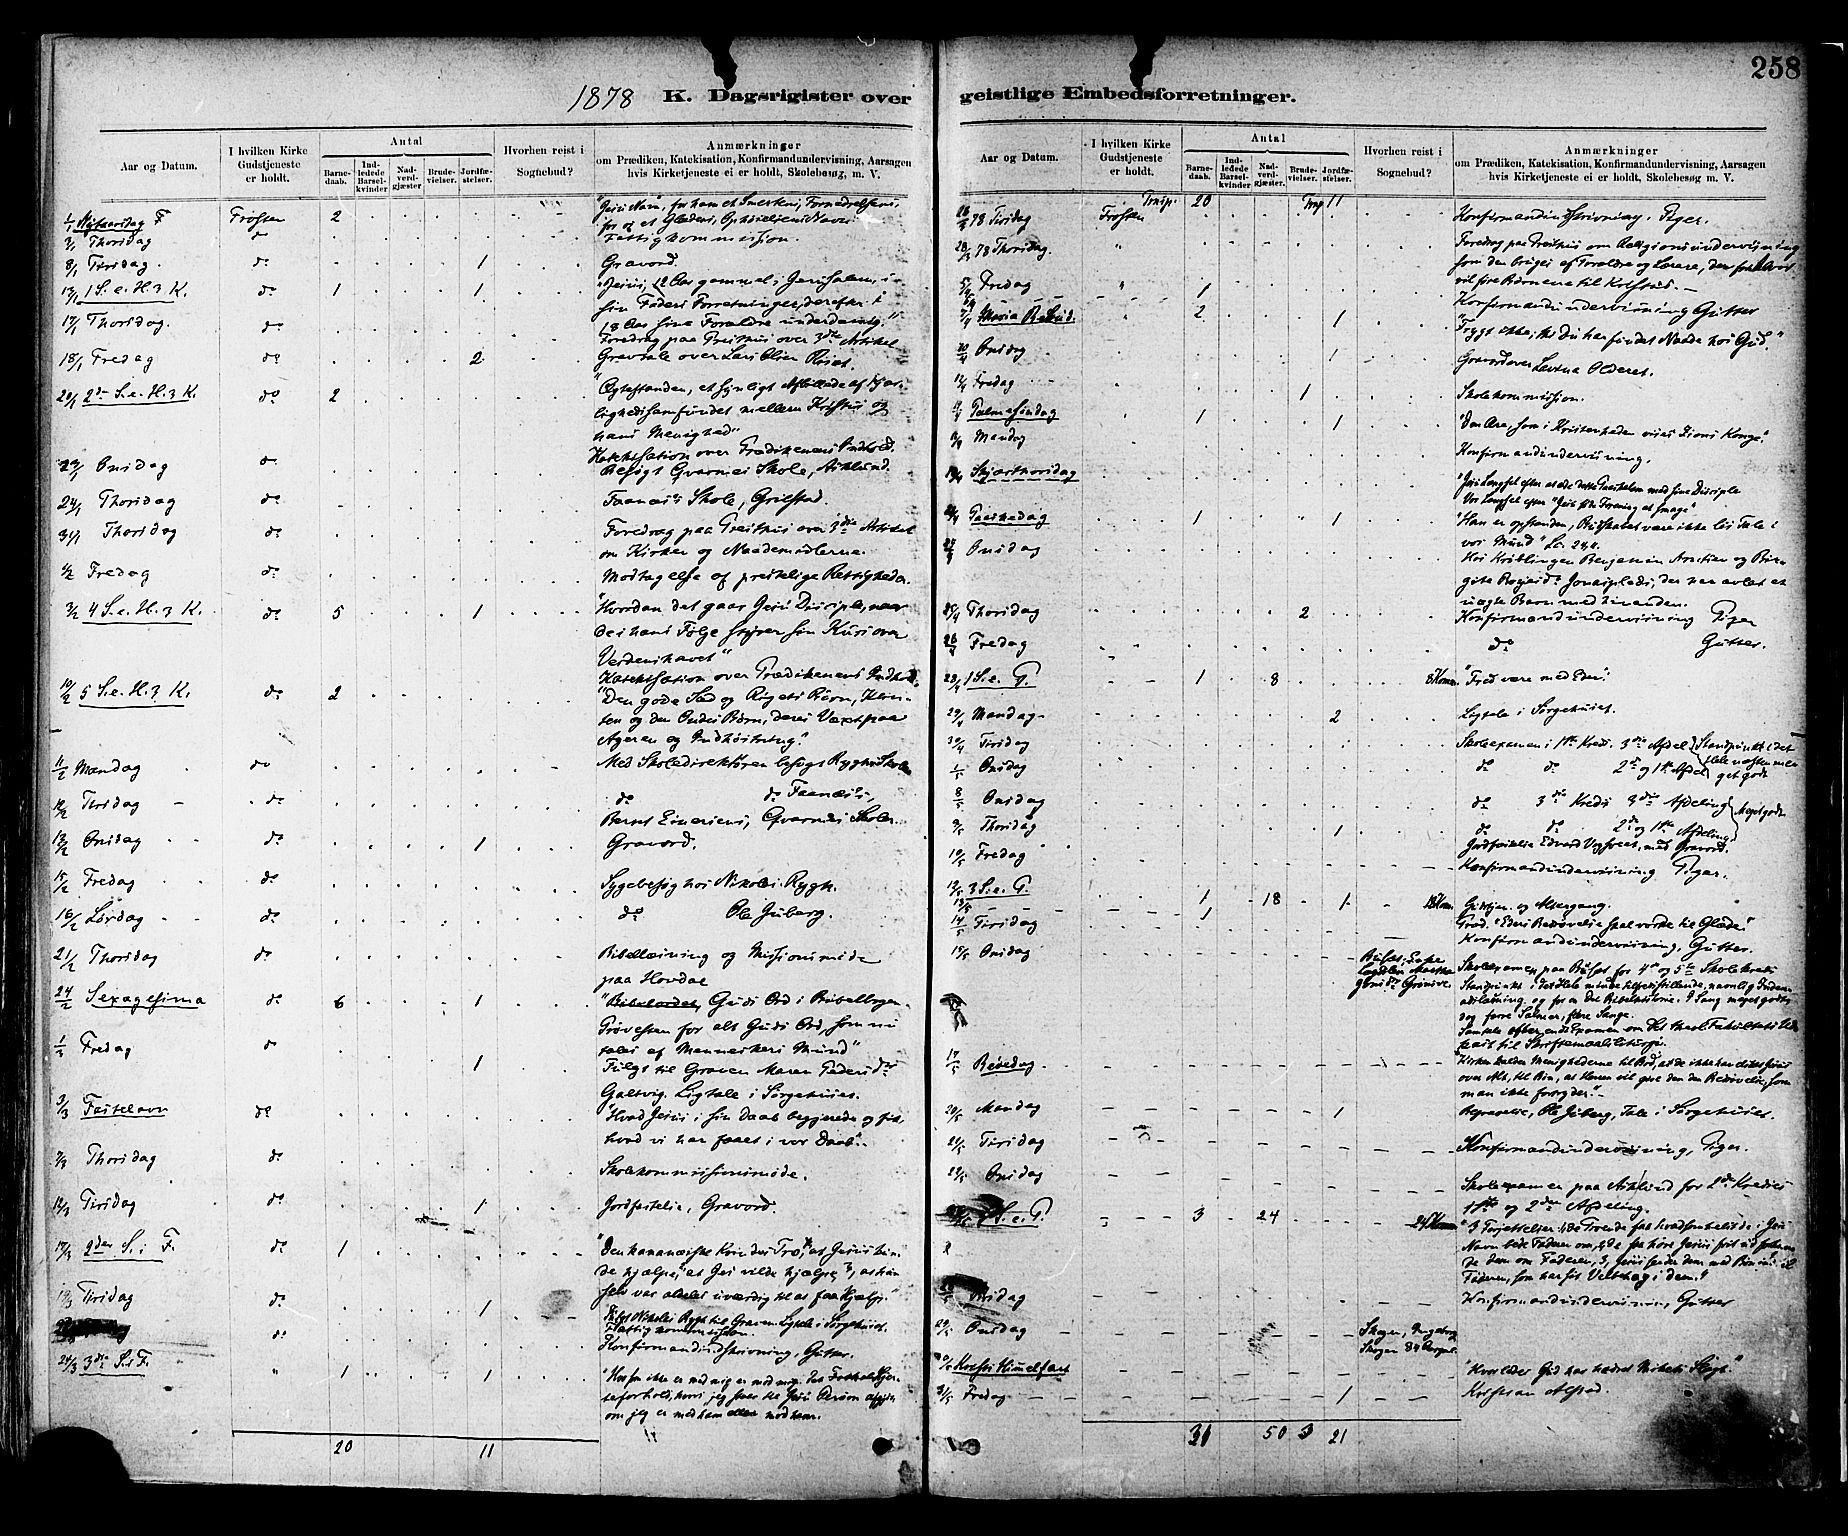 SAT, Ministerialprotokoller, klokkerbøker og fødselsregistre - Nord-Trøndelag, 713/L0120: Ministerialbok nr. 713A09, 1878-1887, s. 258